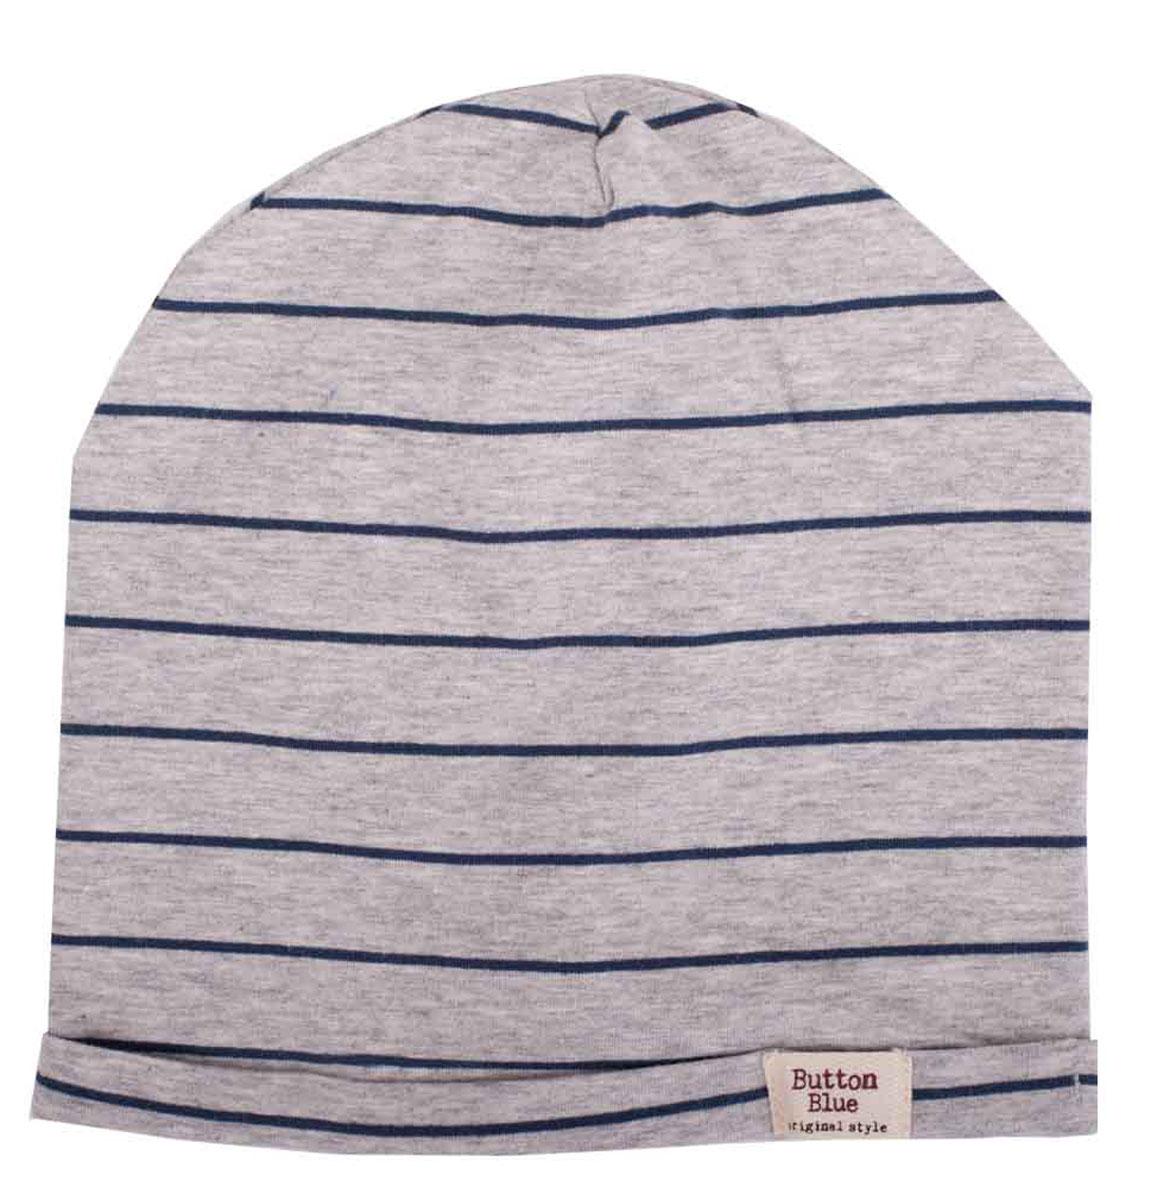 Шапка детская117BBBX73011005Трикотажные шапки - важный атрибут повседневного гардероба! Они отлично согревают, а также украшают и завершают весенний комплект. Купить недорого шапку для мальчика от Button Blue, значит, позаботиться о здоровье, внешнем виде и комфорте ребенка.